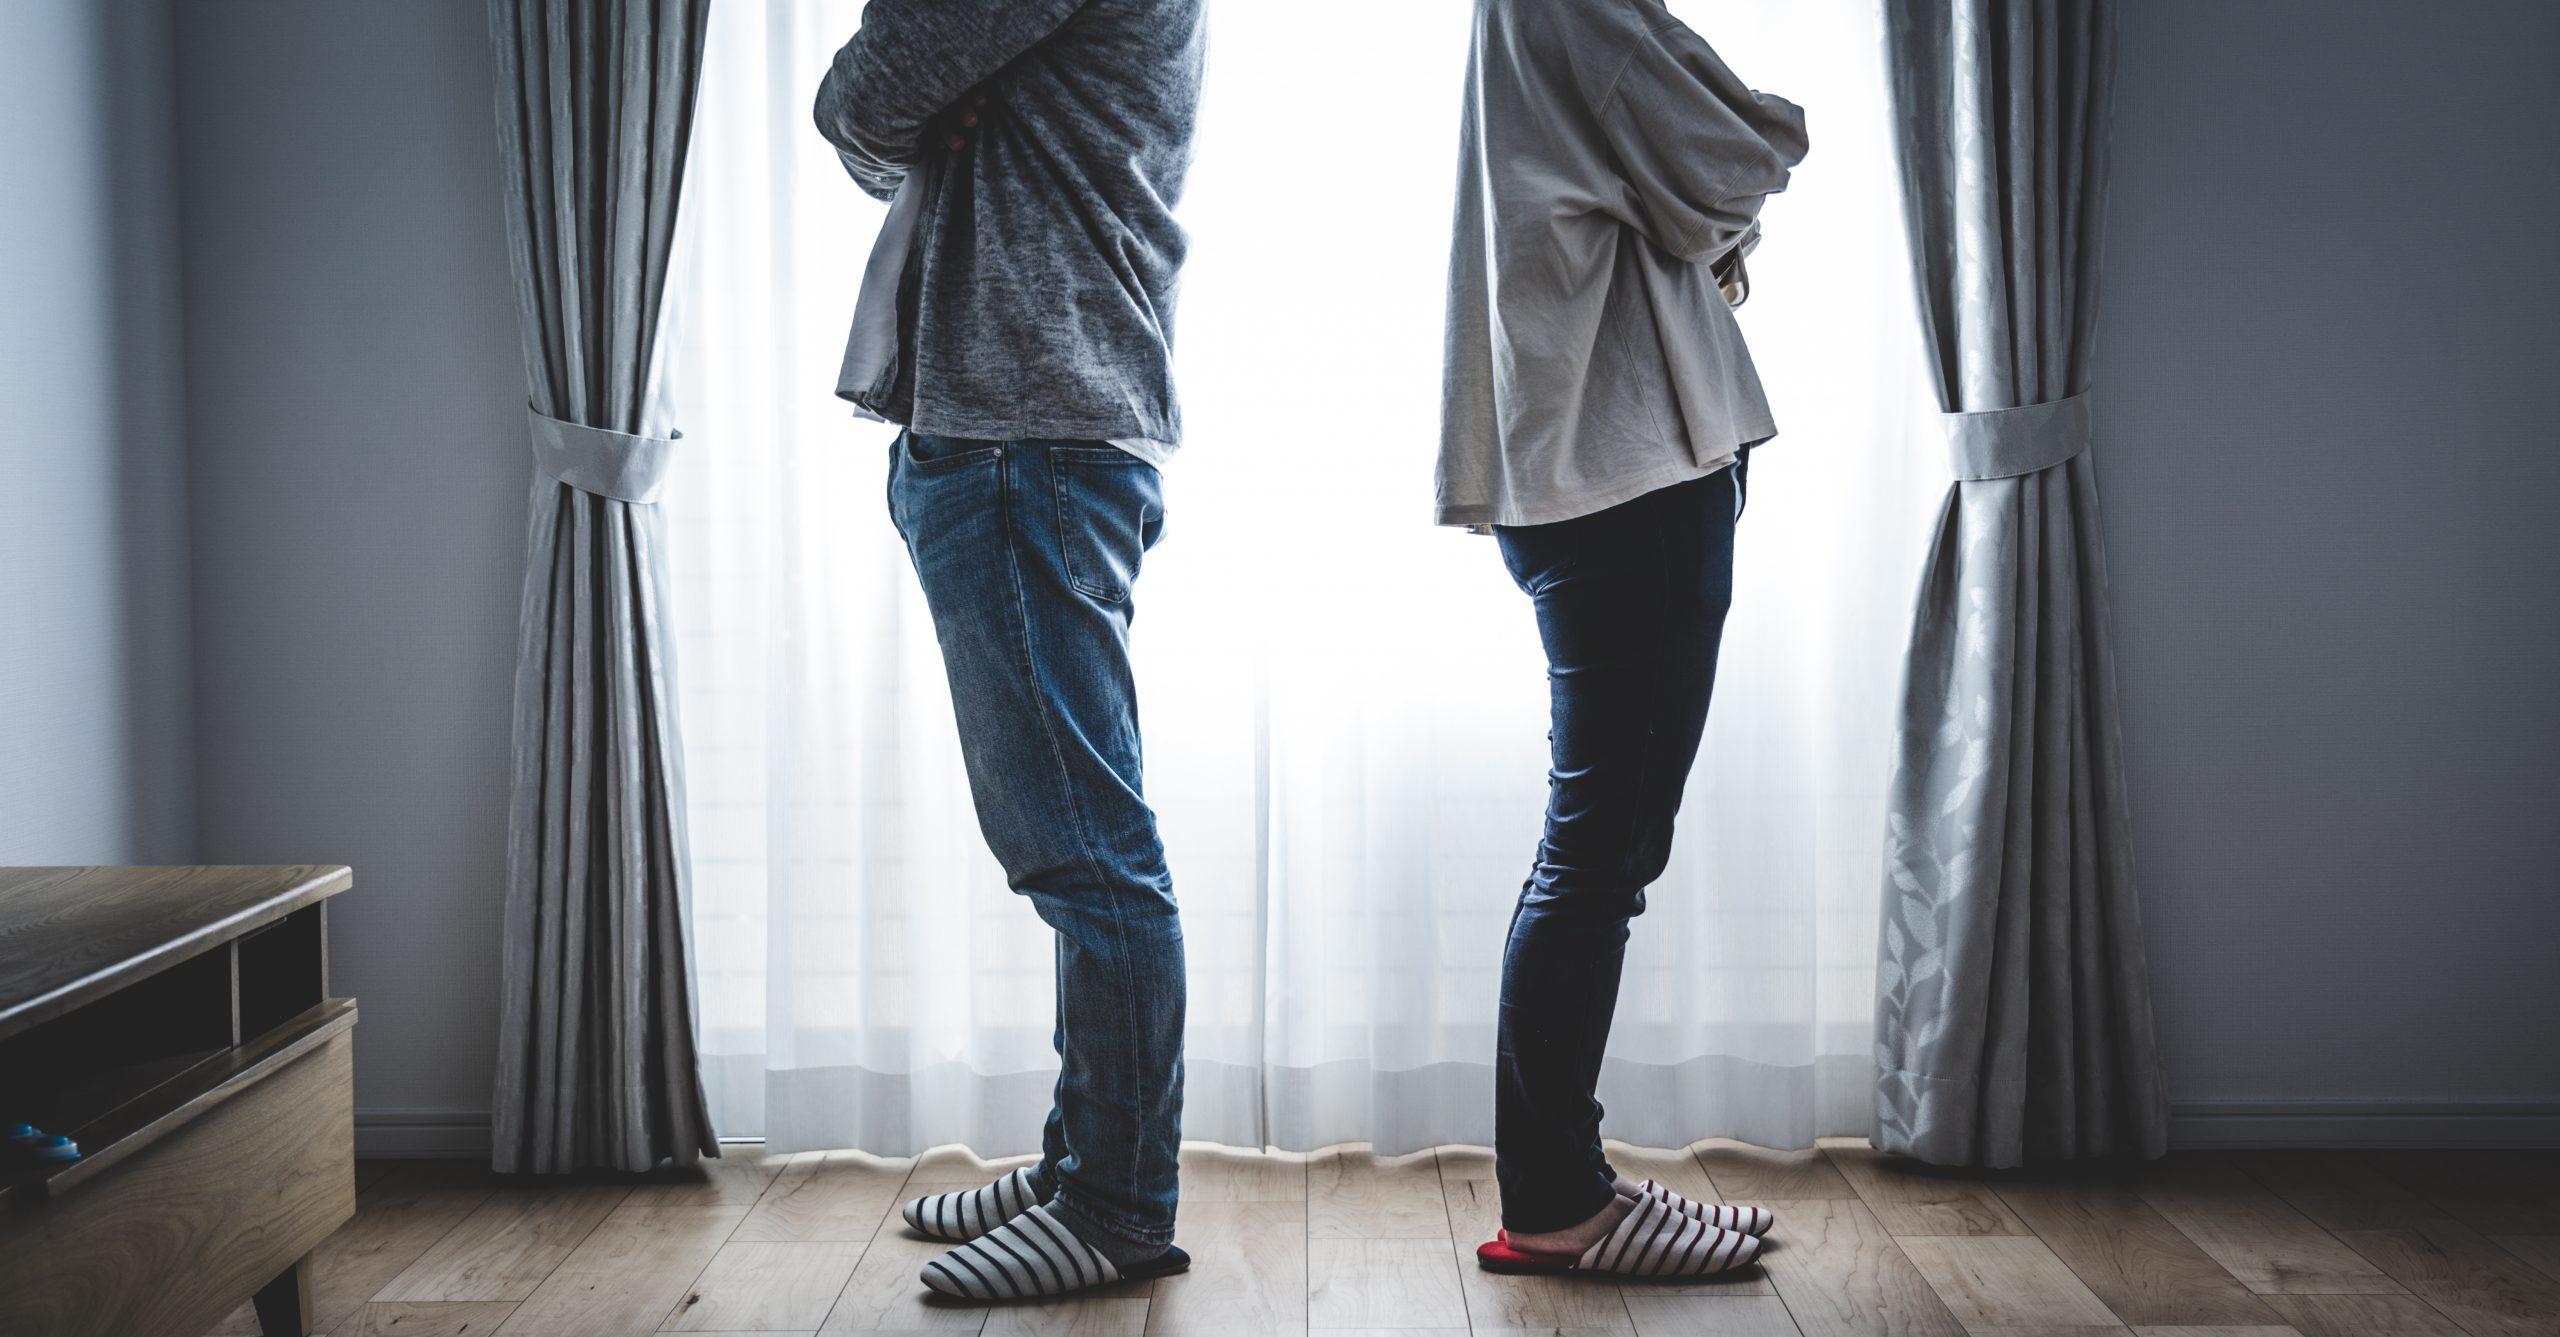 Divorce legal experts based in Devon